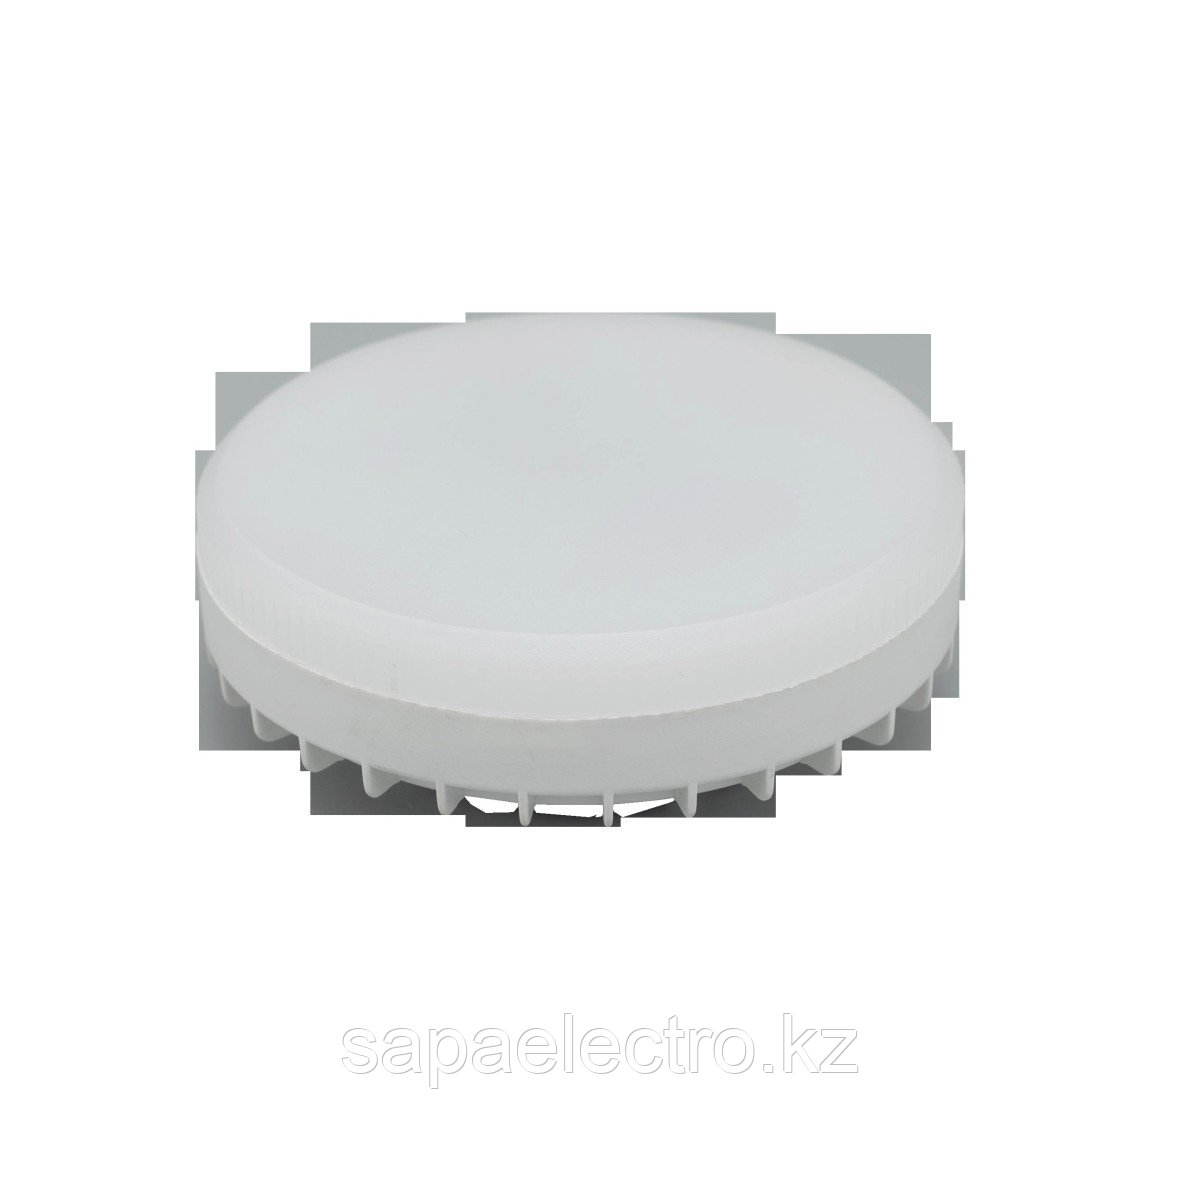 LampaLED GX53-02 9W 3000K PL 560lm 28x75mm (TL)100